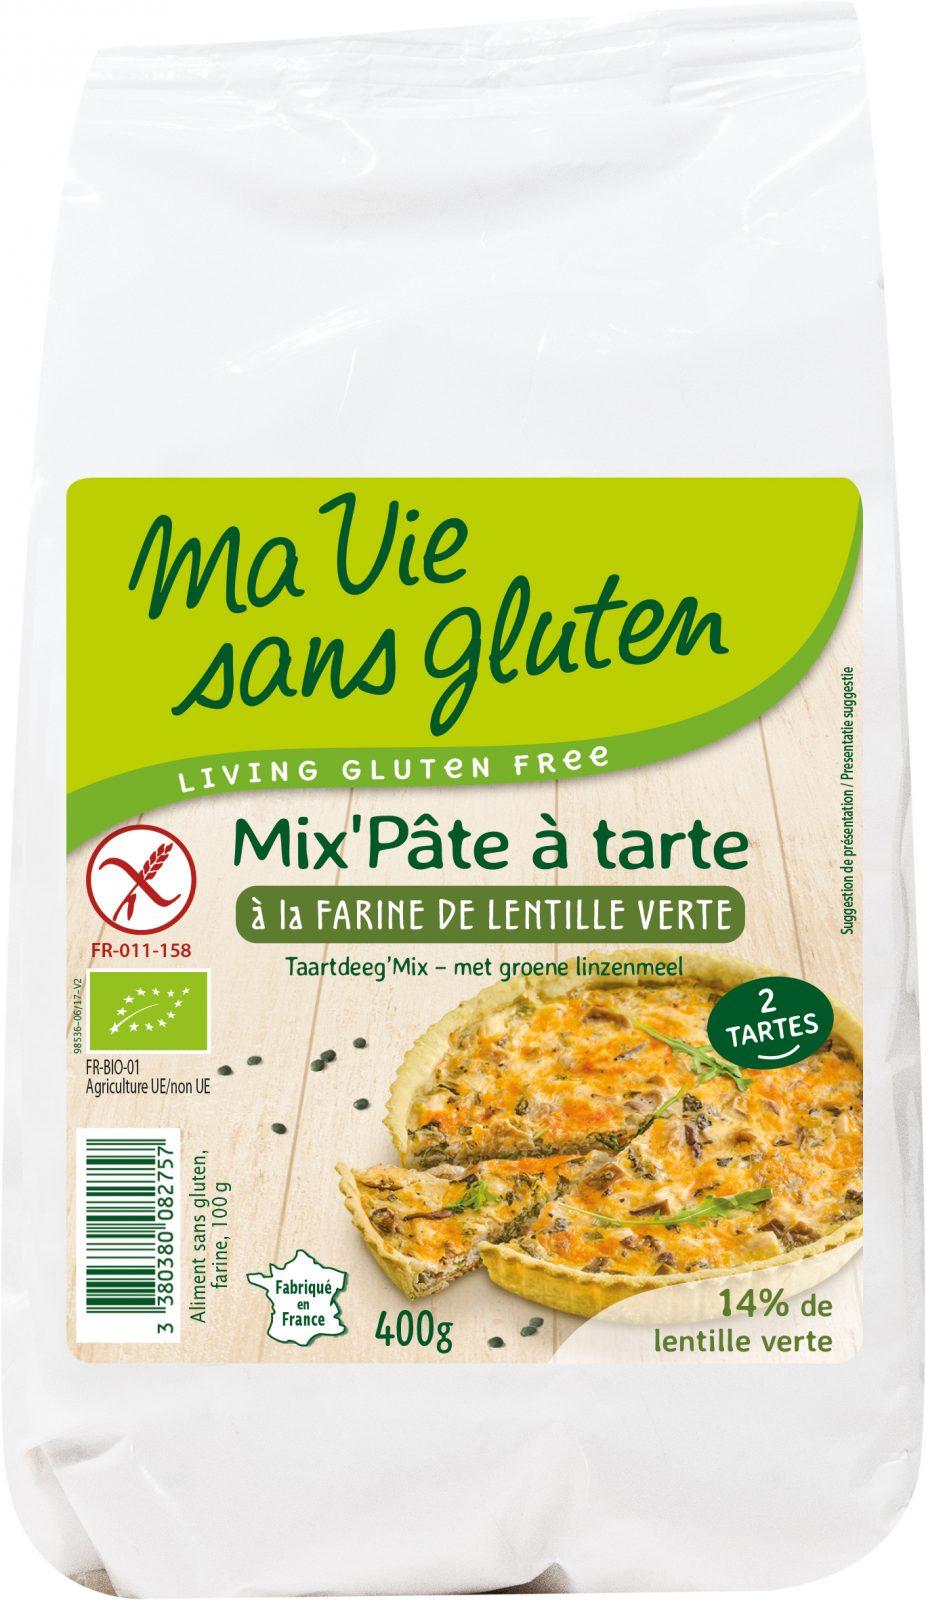 Ma Vie sans gluten - Aides à la panification & pâtisserie - Mix'Pâte à tarte à la farine de lentille verte 400g